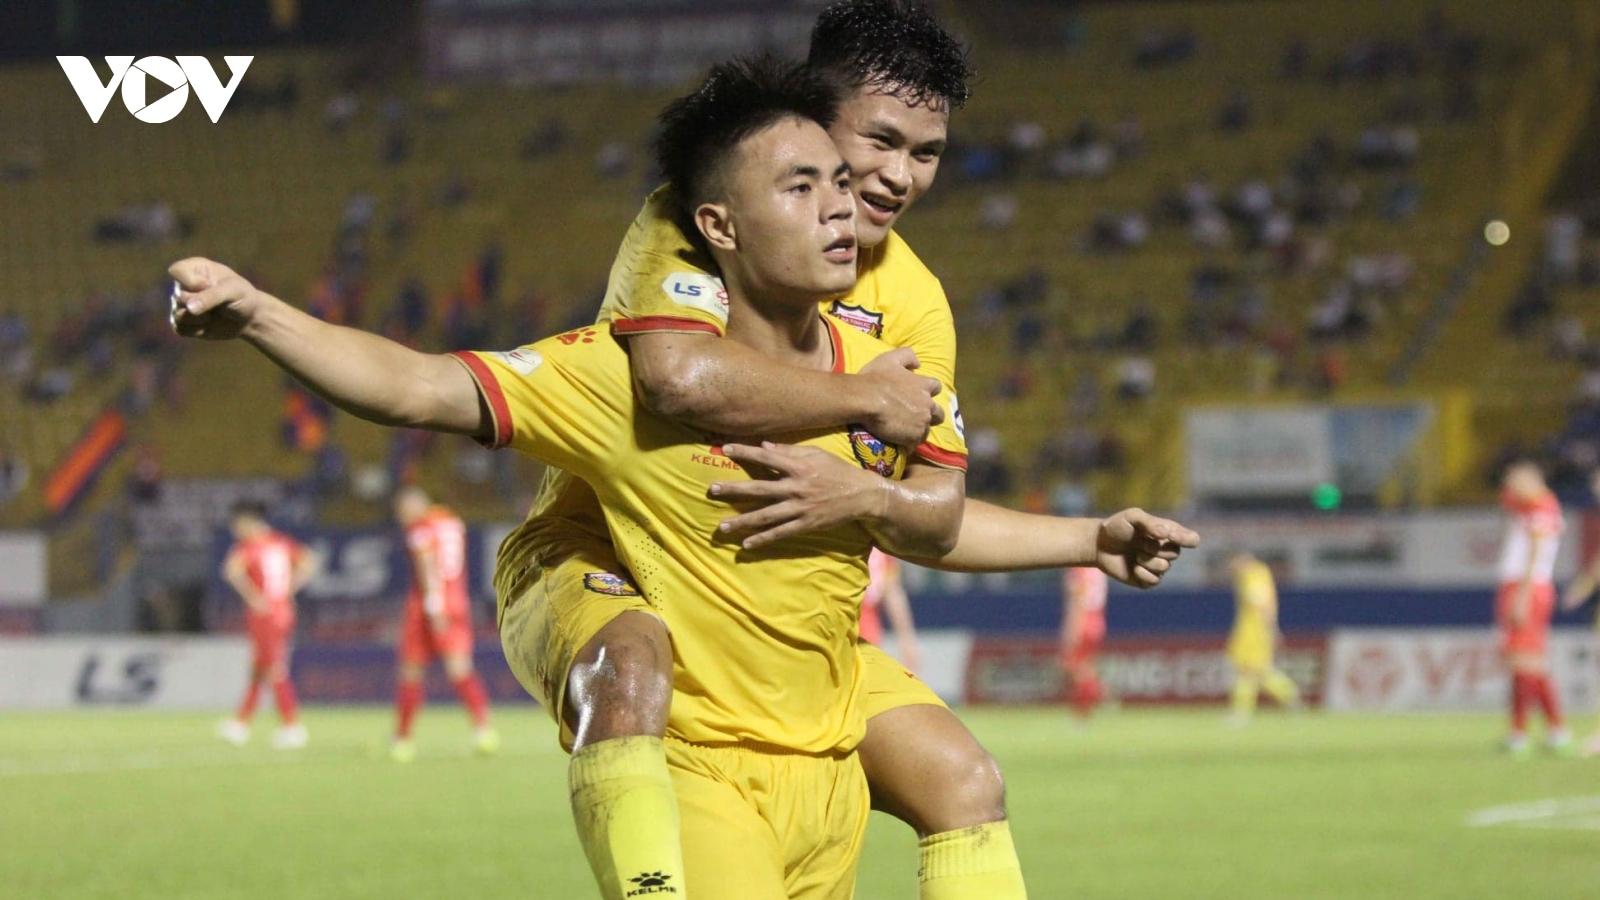 Tuyển thủ U22 Việt Nam ghi bàn đẹp nhất V-League tháng 10